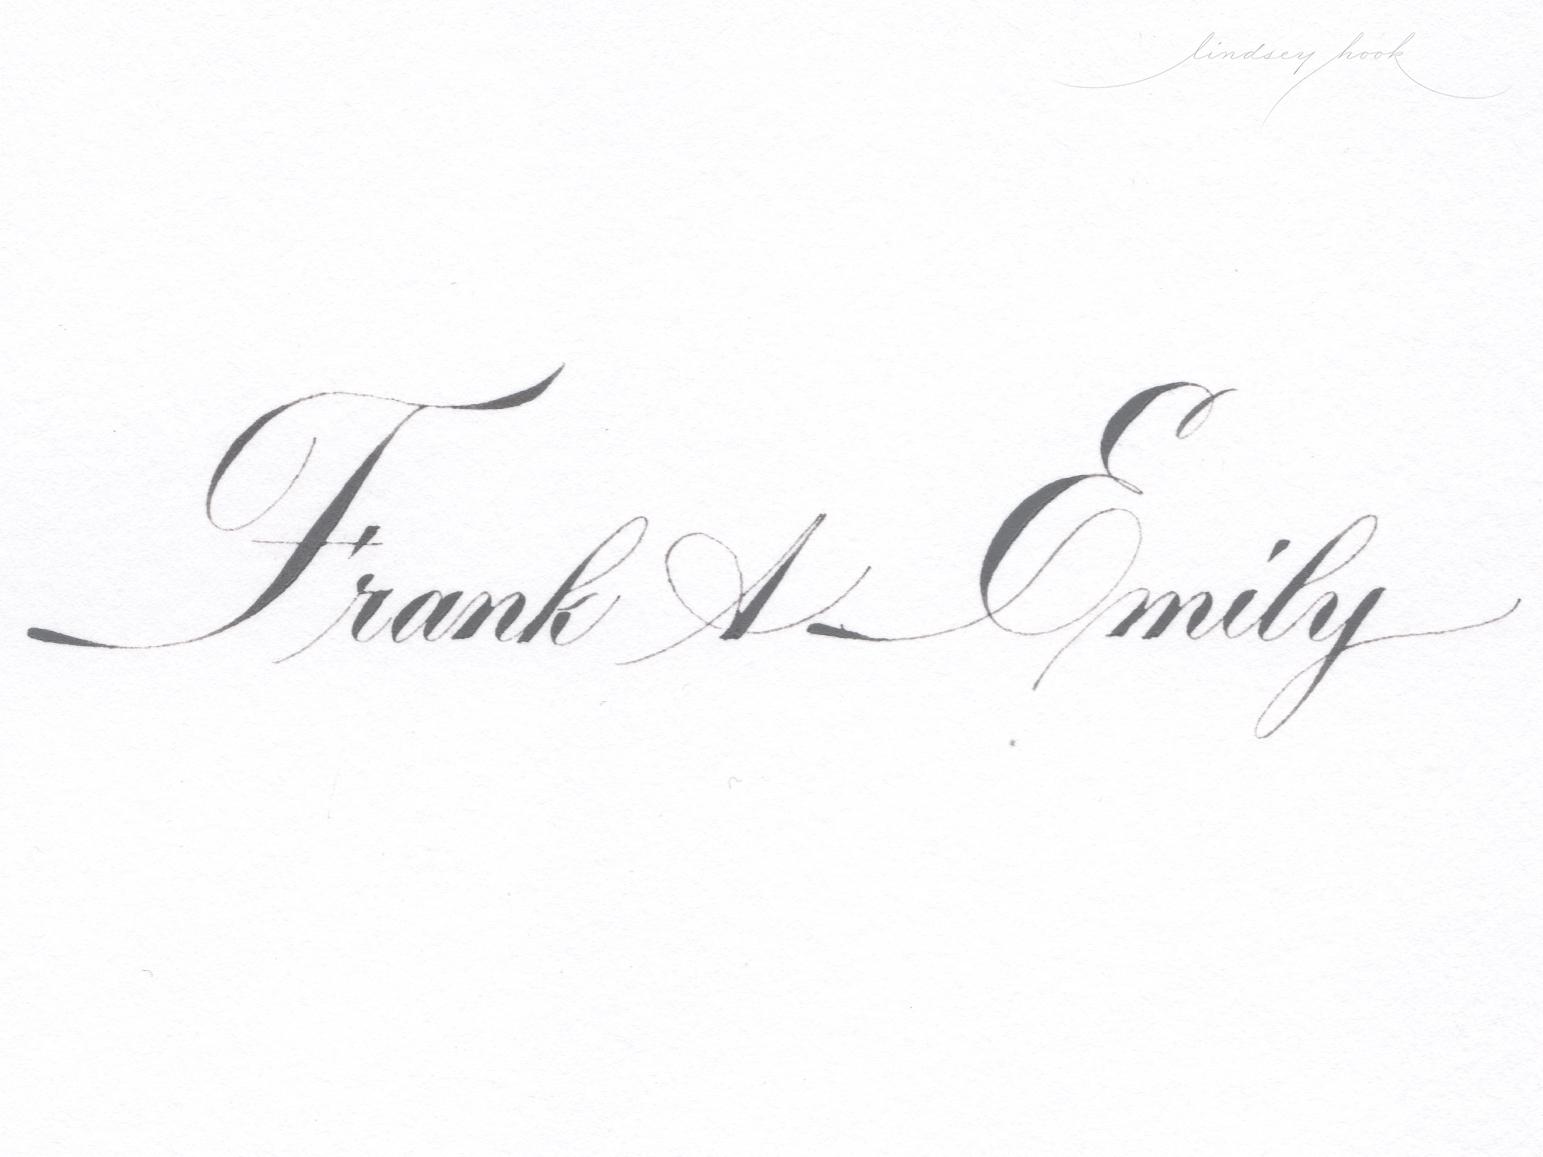 Engrosser's Script - Italian Variant